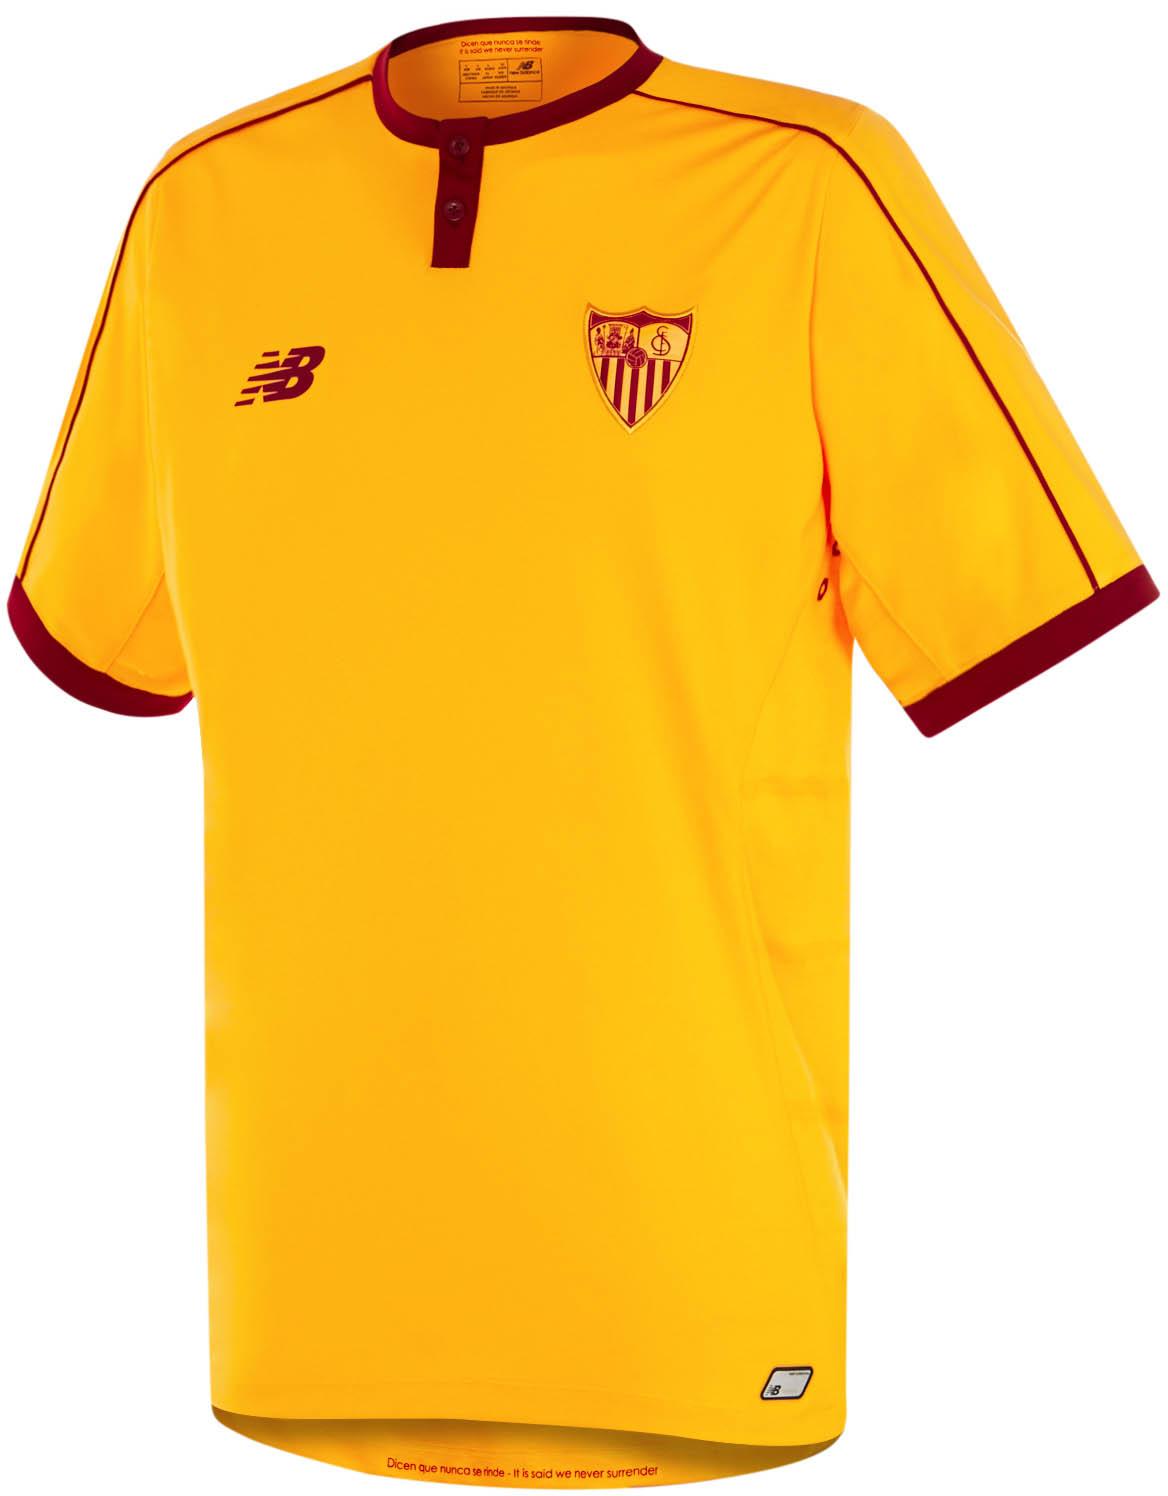 d867da7cb73 Fc Sevilla Trikot 17 18 – Verein Bild Idee